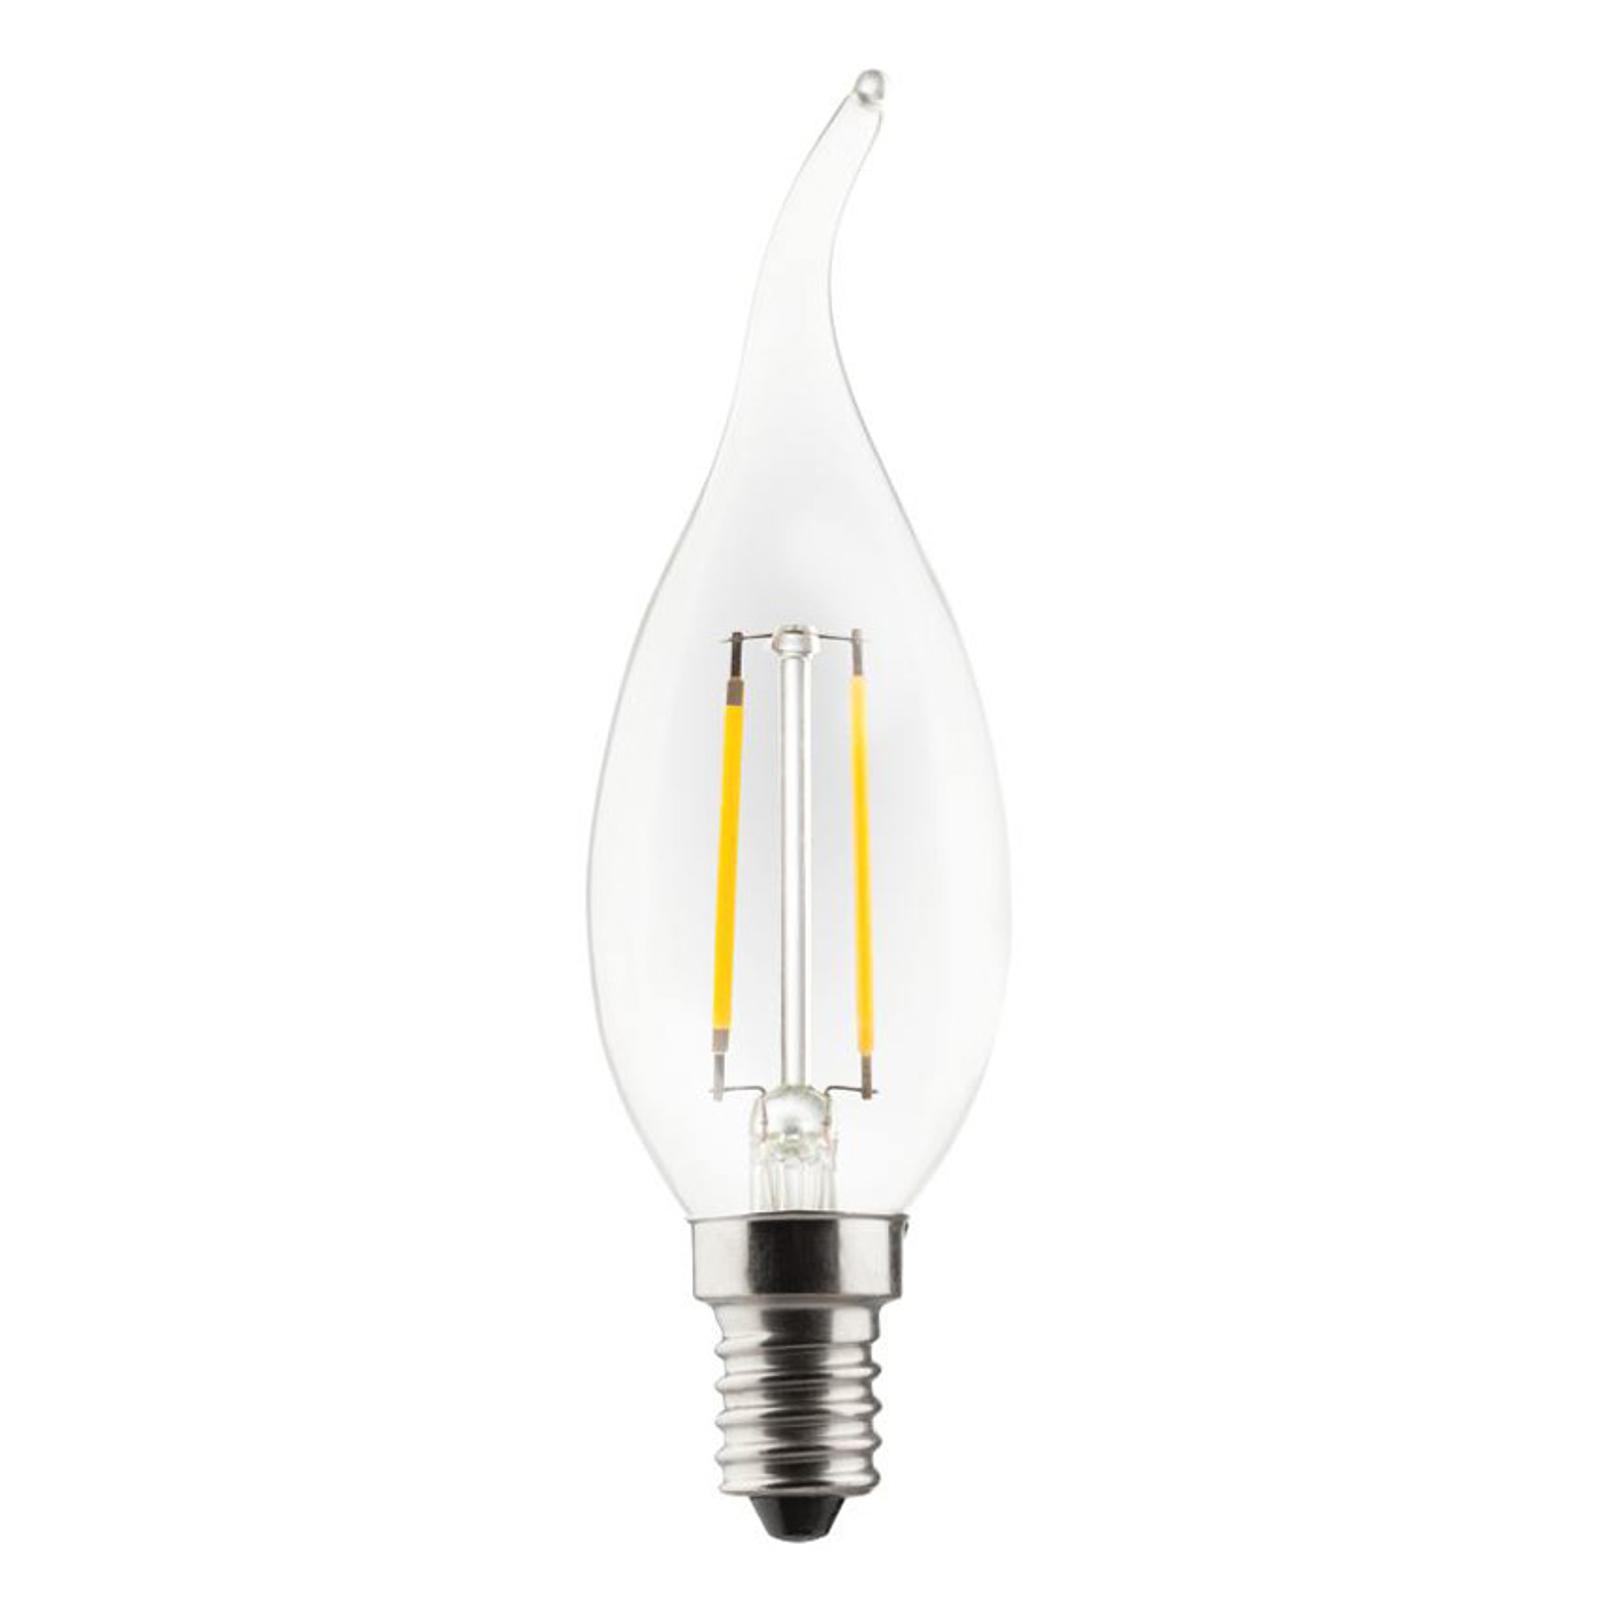 Lampadina LED candela E14 2,5W 2.700K trasparente